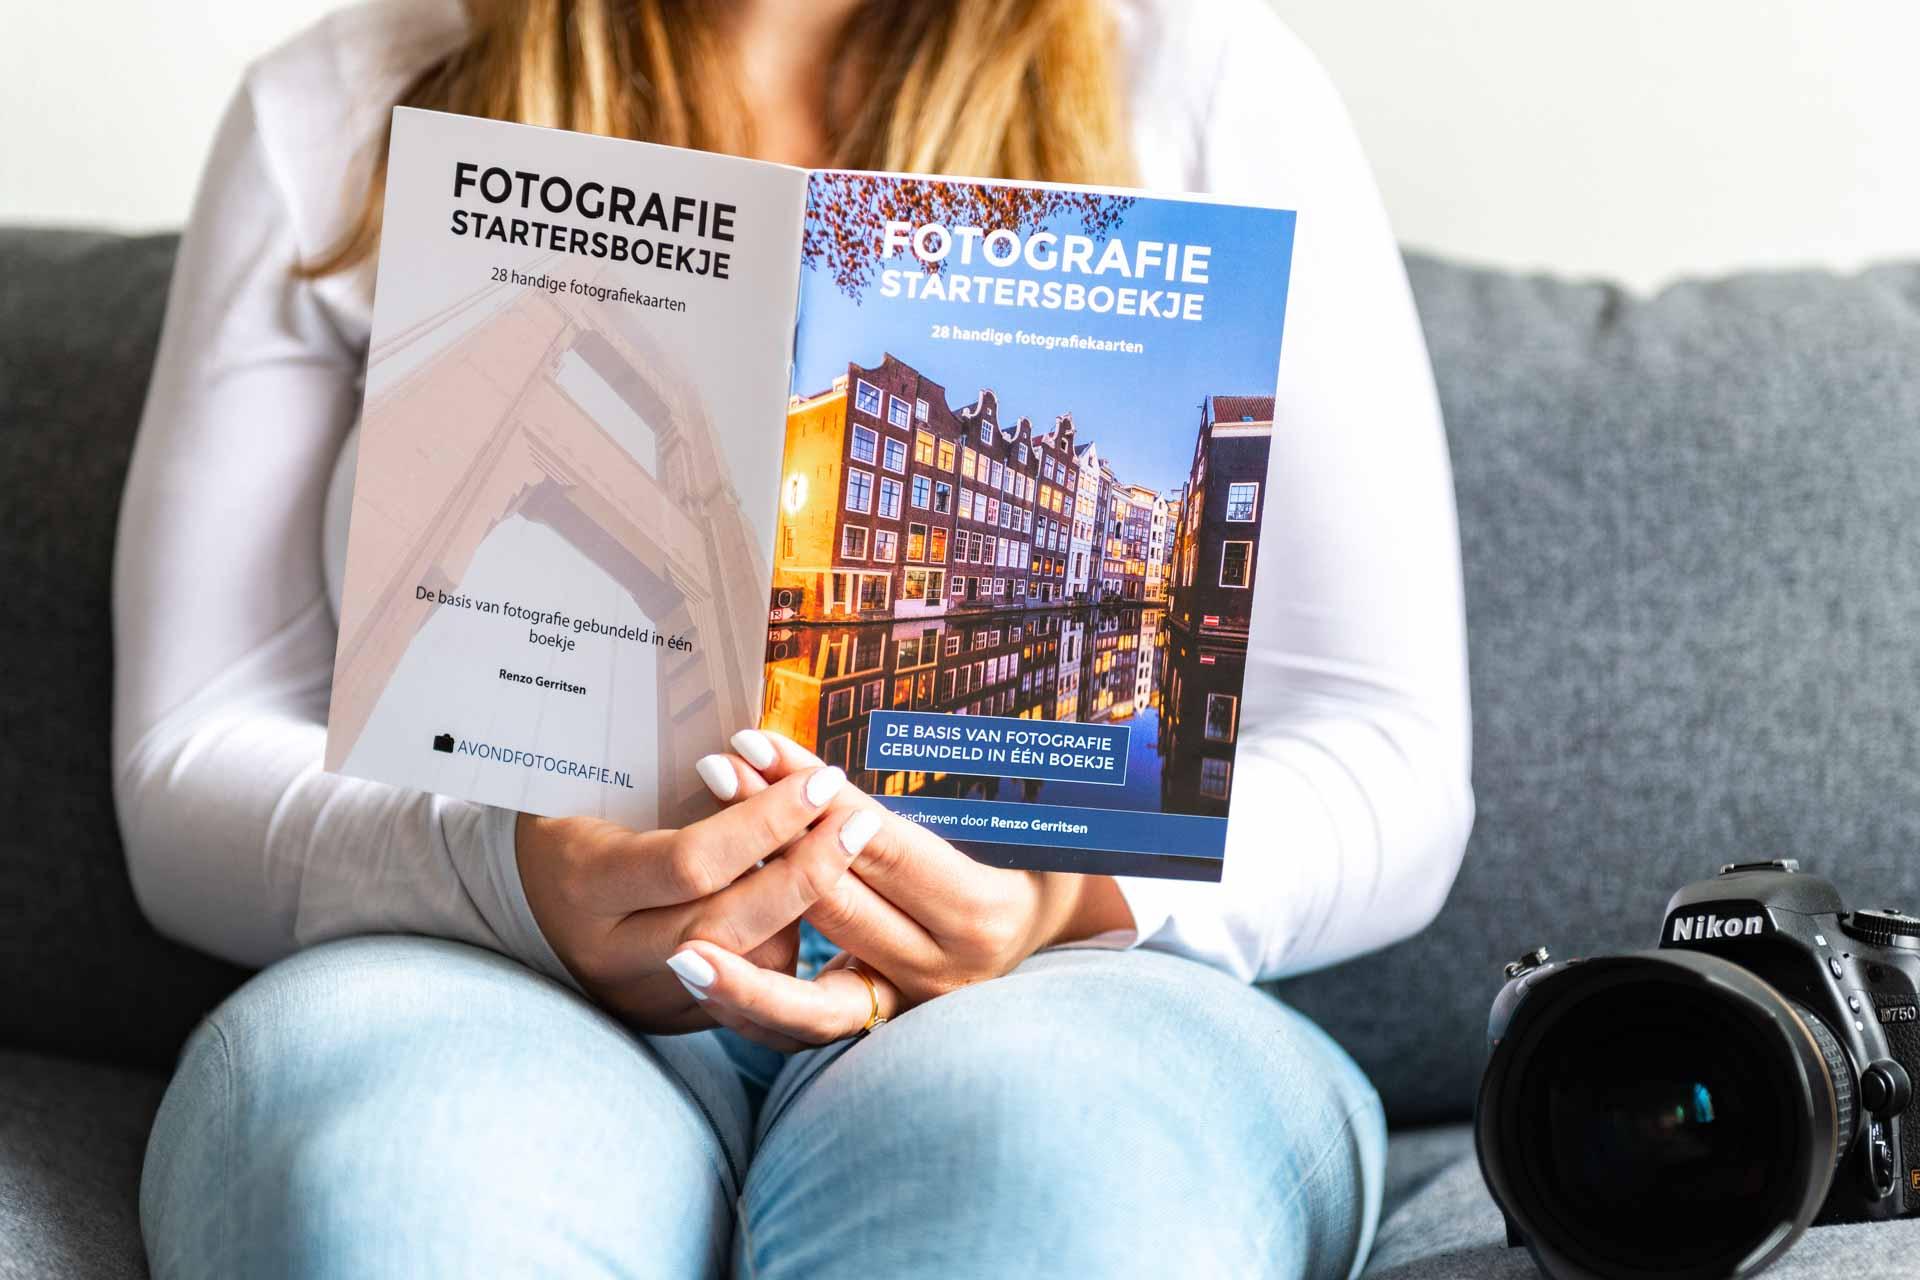 Fotografie Startersboekje fotografiekaarten